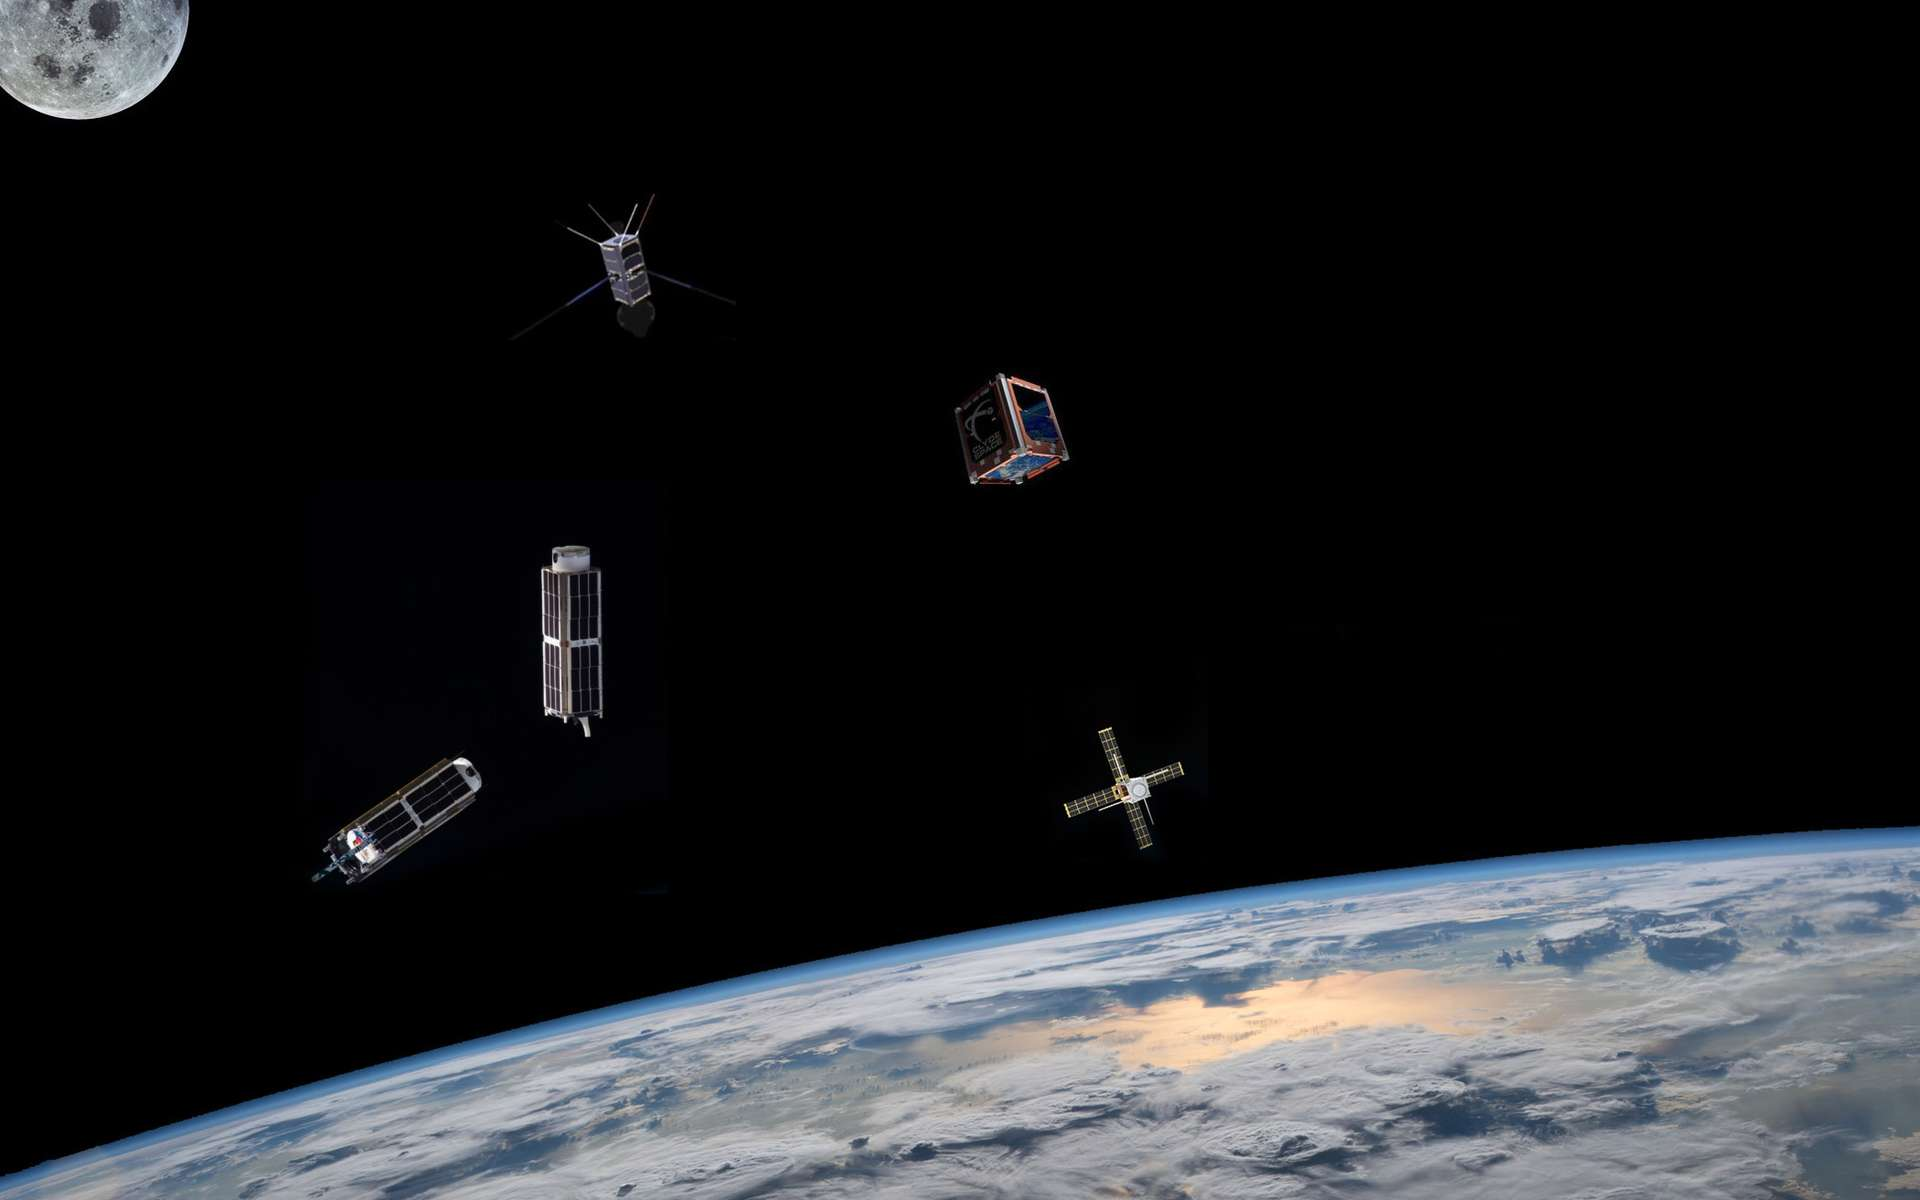 Lors de son vol inaugural, le futur lanceur lourd de la Nasa, enverra un véhicule Orion inhabité faire un vol autour de la Lune. Mais pas seulement. La Nasa va également embarquer gratuitement 13 CubeSats qui ont été choisis en raison de leurs objectifs audacieux et les innovations qu'ils embarquent, aptes à réduire les coûts de l'exploration robotique. © Nasa, Droits réservés et montage R. Decourt